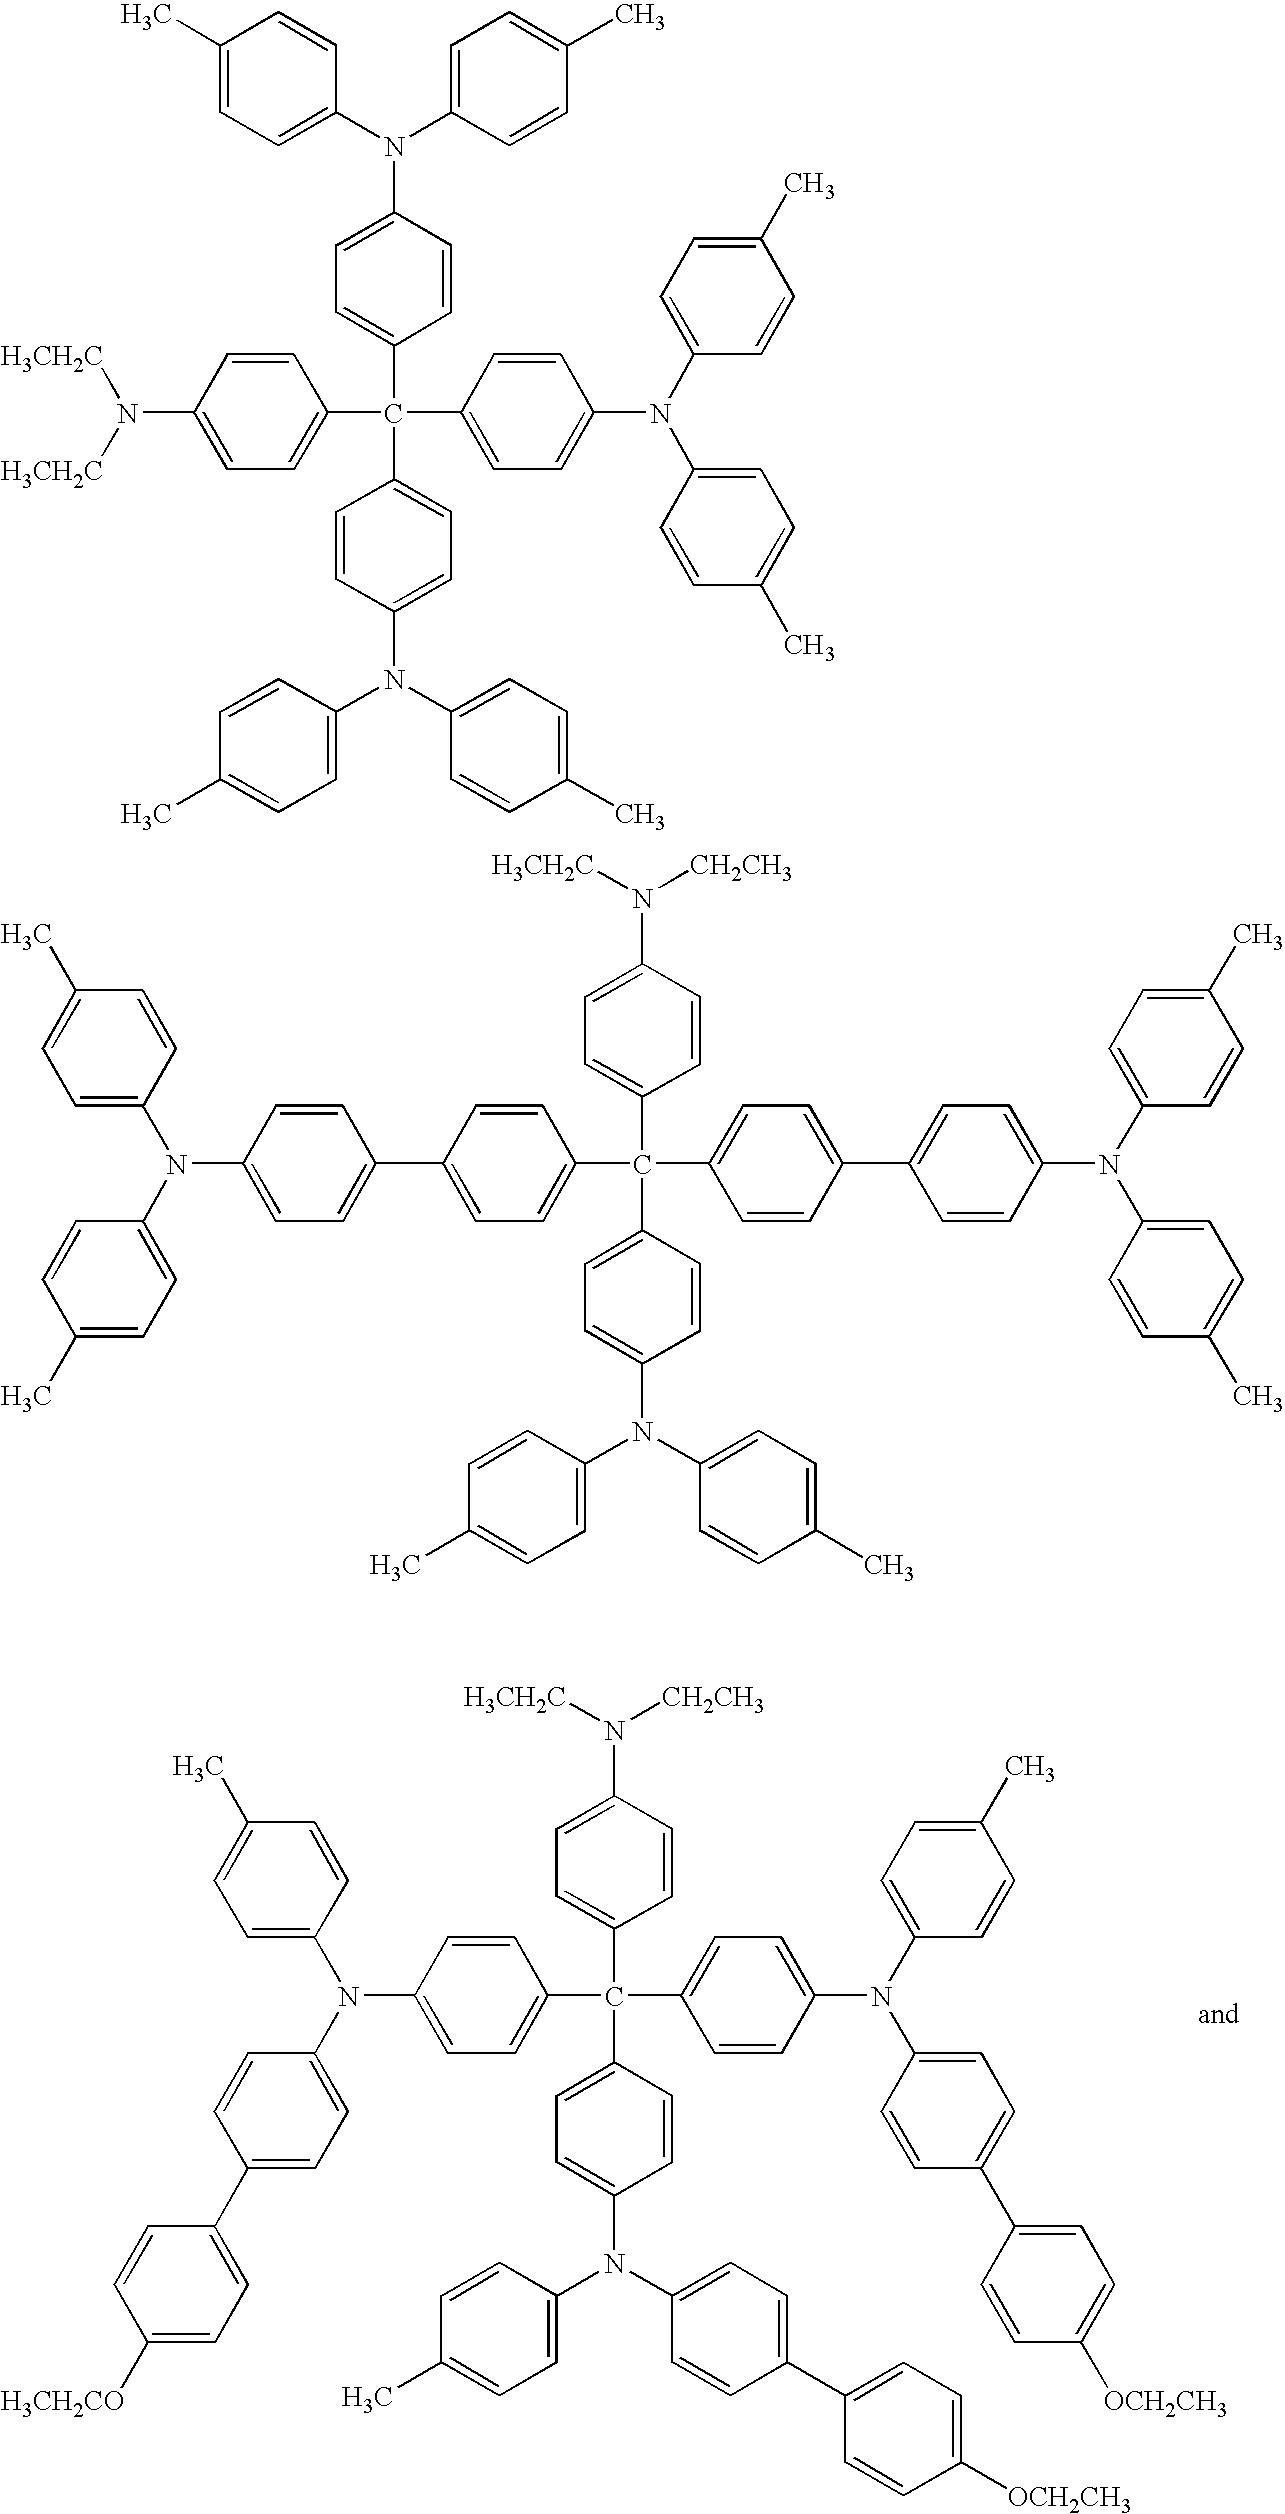 Figure US06861188-20050301-C00233